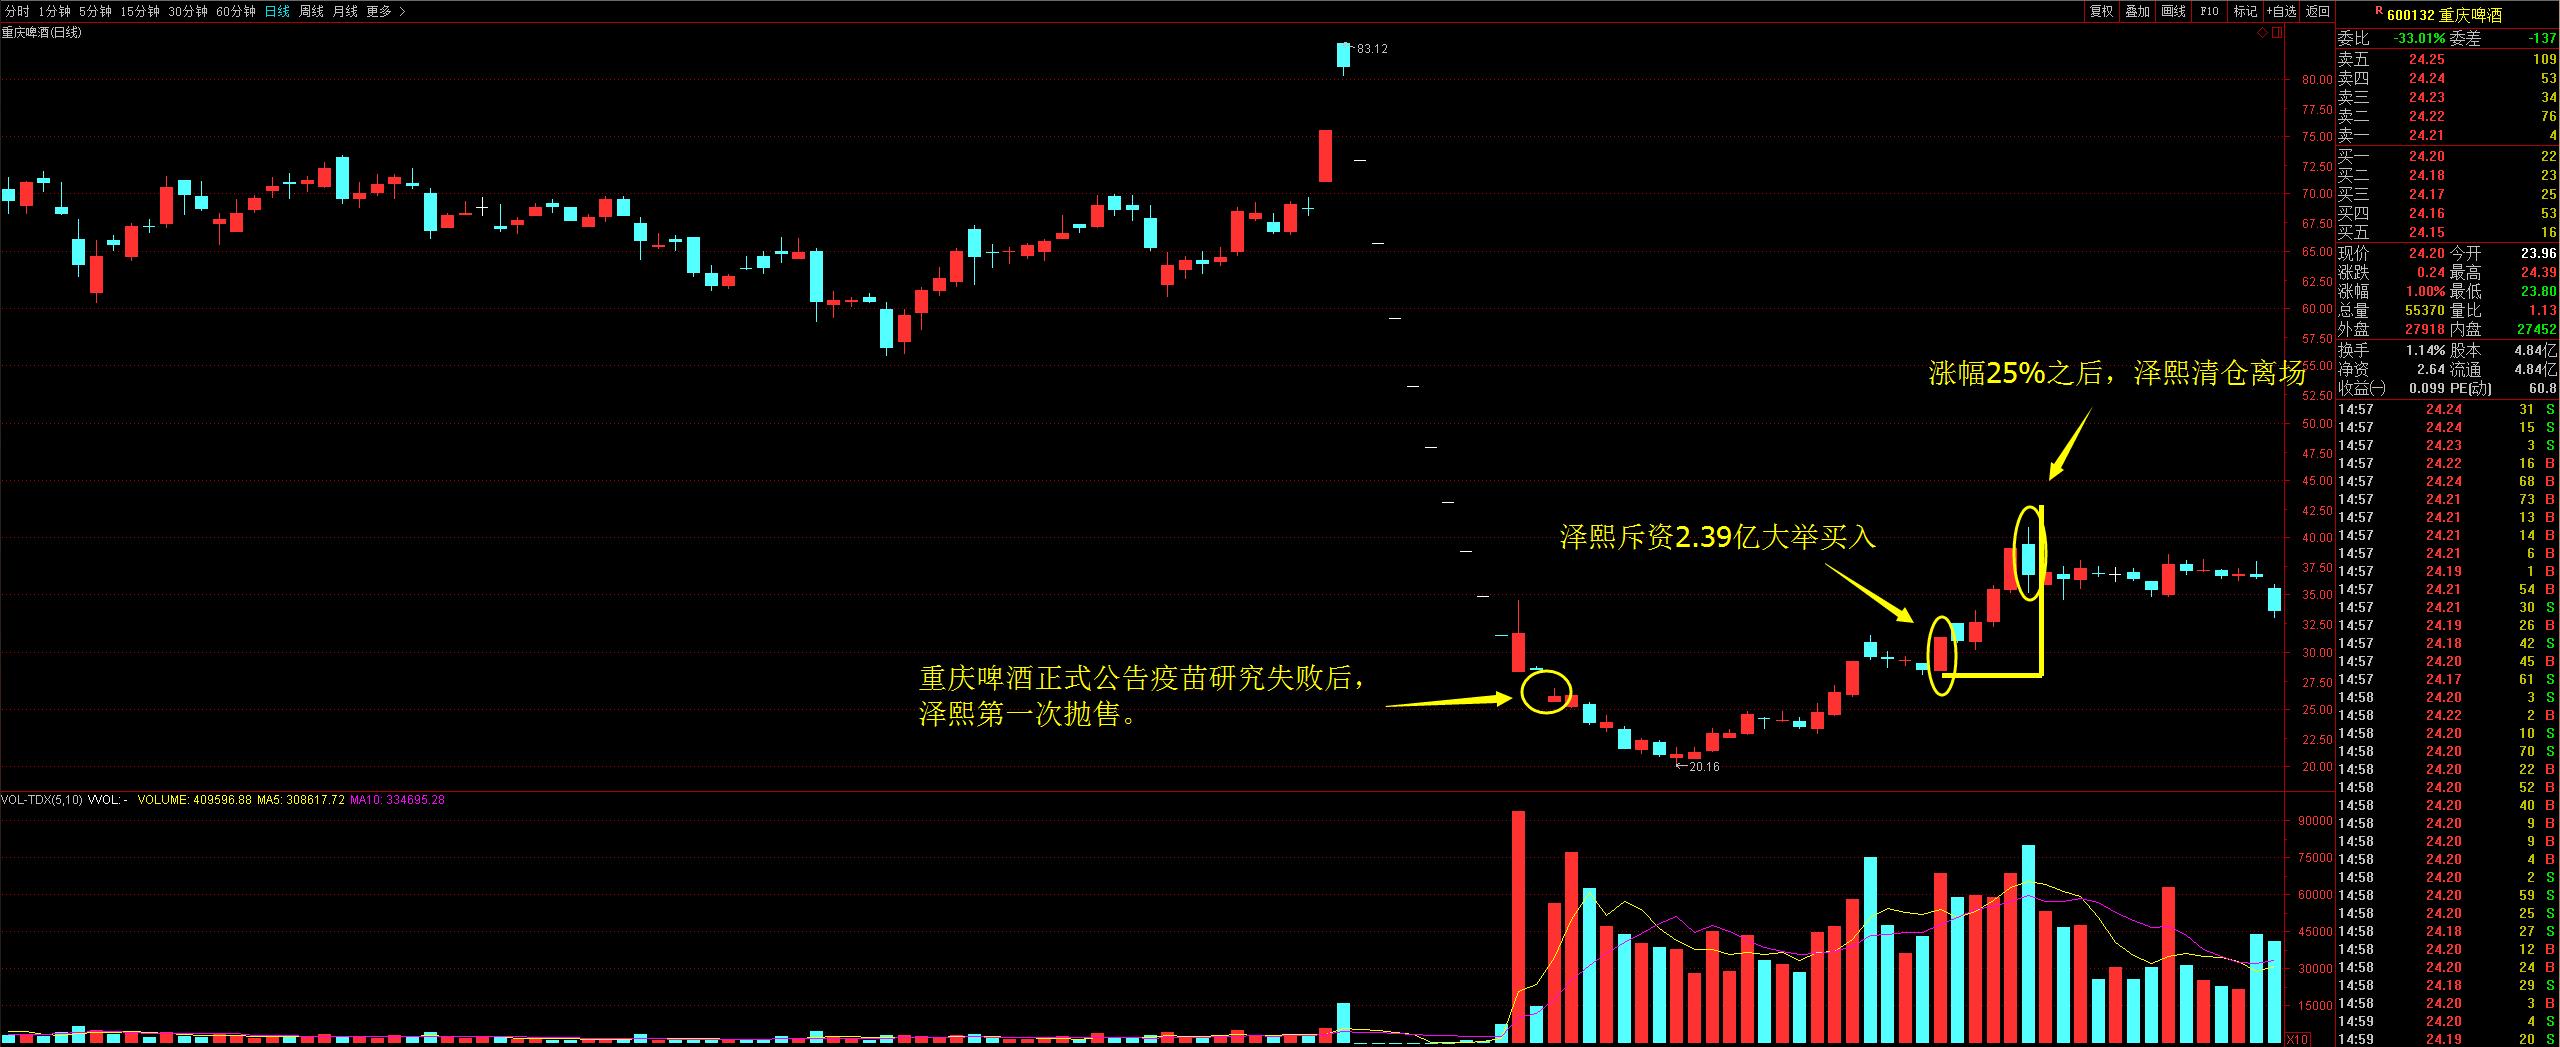 重庆啤酒疫苗_股票最高点买进,连续跌停,直接套牢是一种怎样的体验? - 知乎